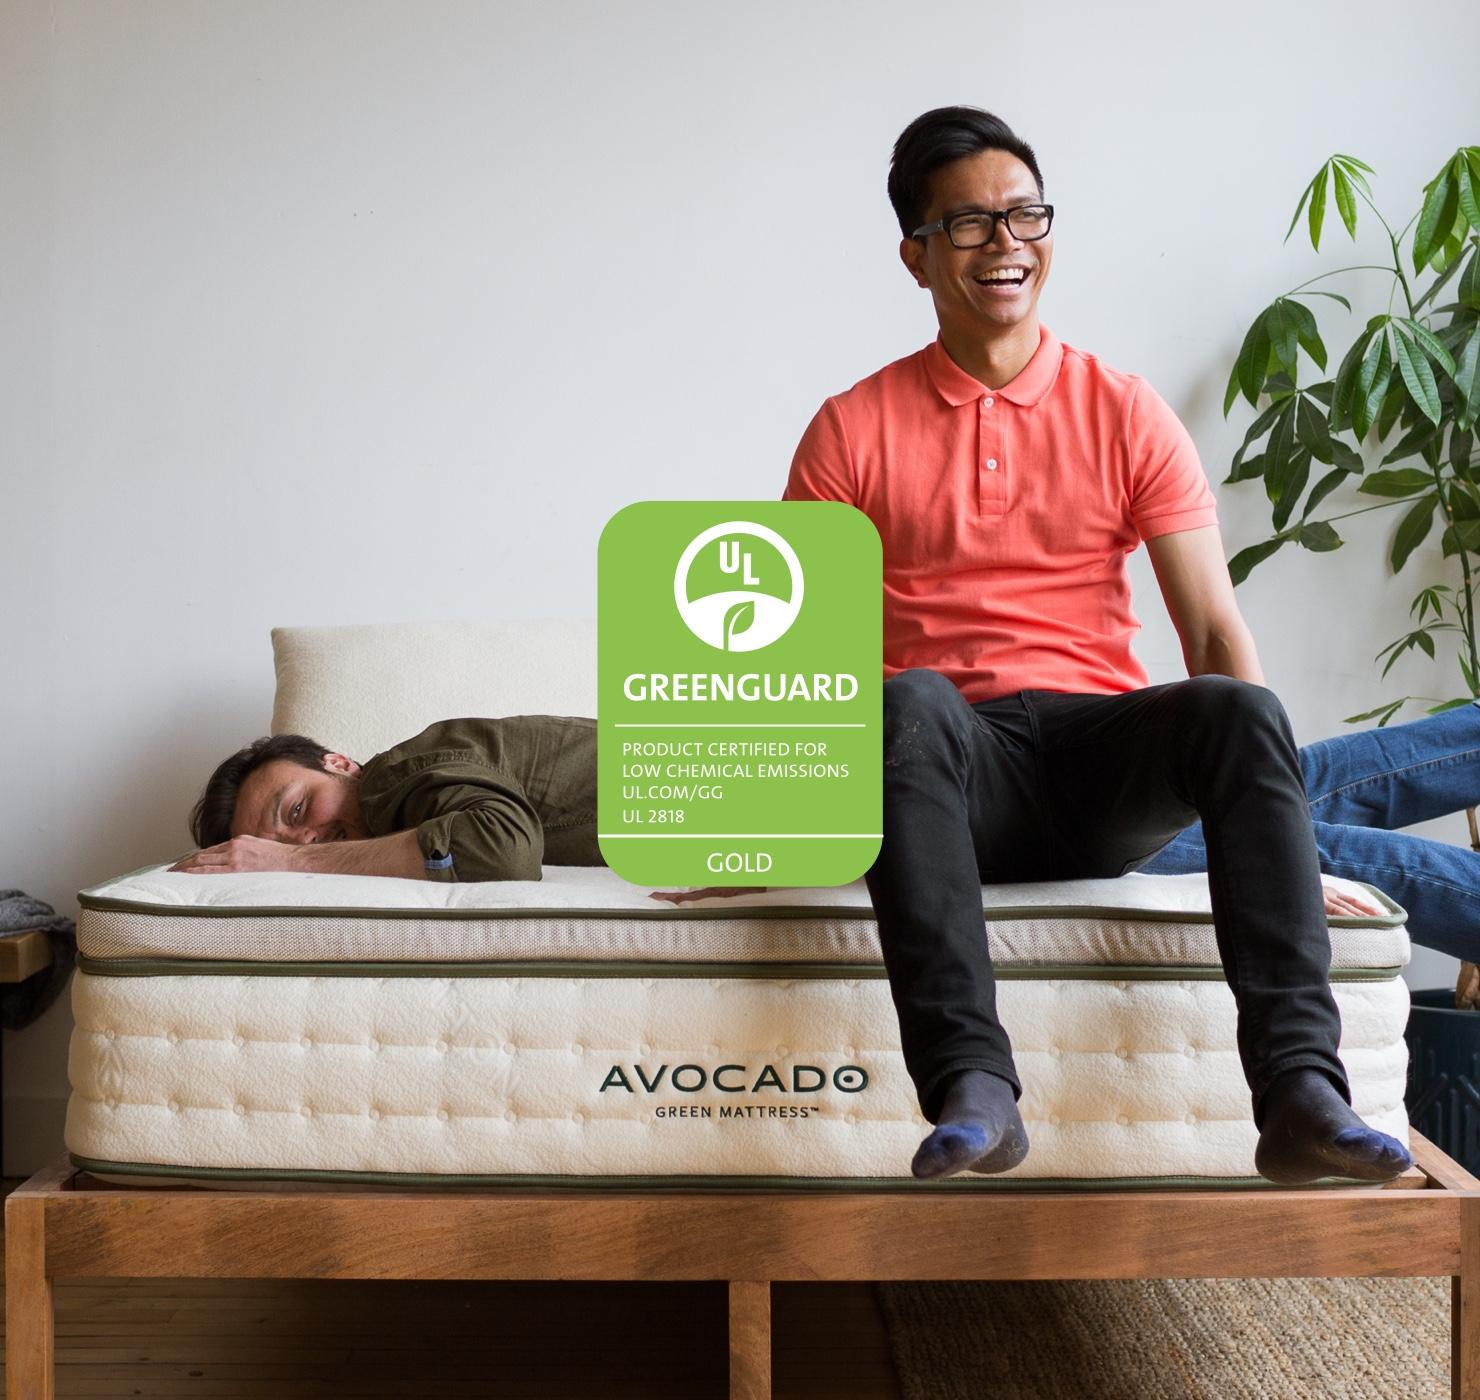 Avocado Green Mattress Greenguard Gold Certified